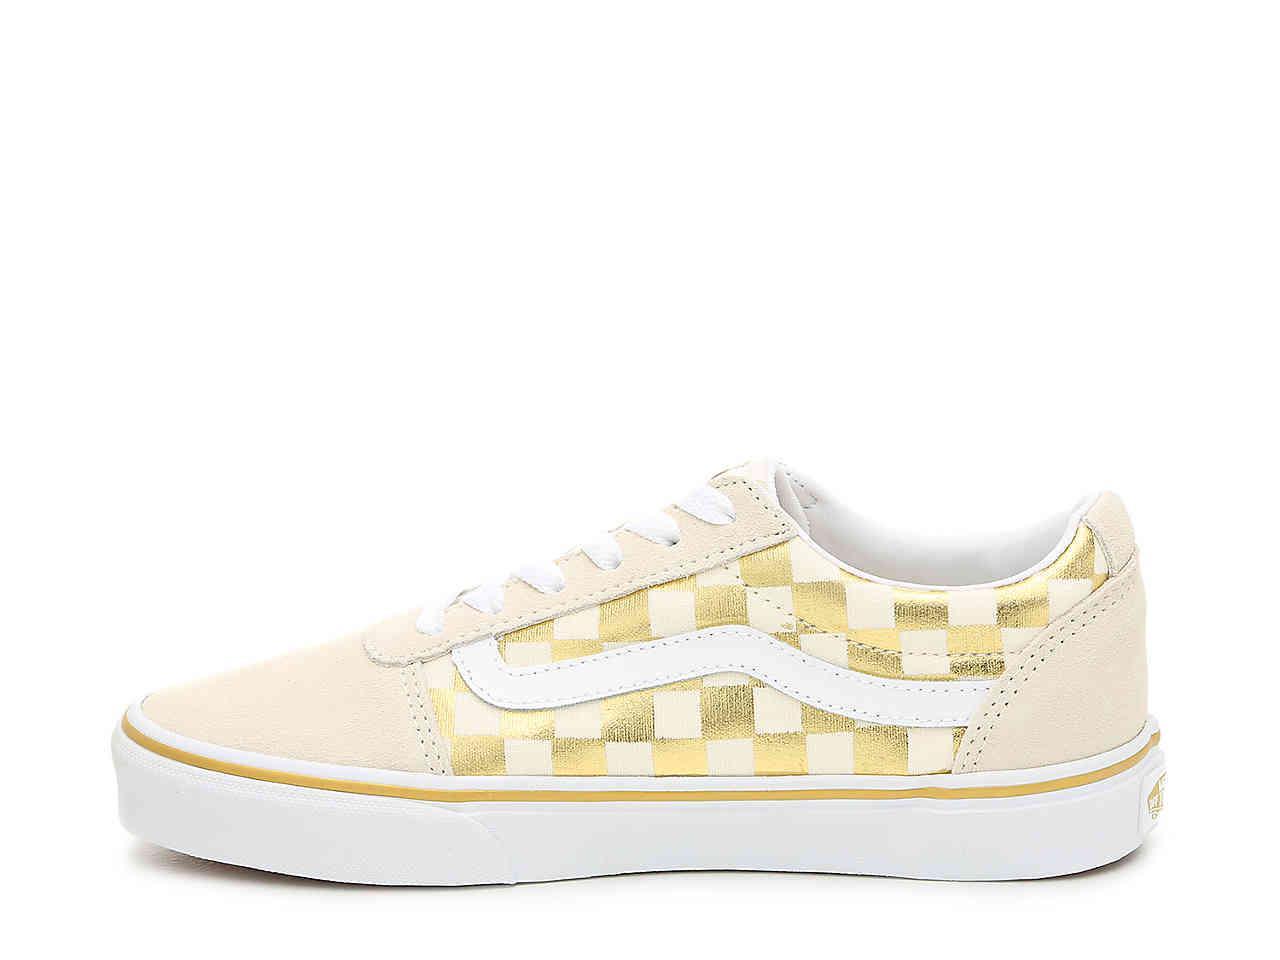 Vans Canvas Ward Lo Sneaker in Cream/Gold Metallic (Metallic) - Lyst